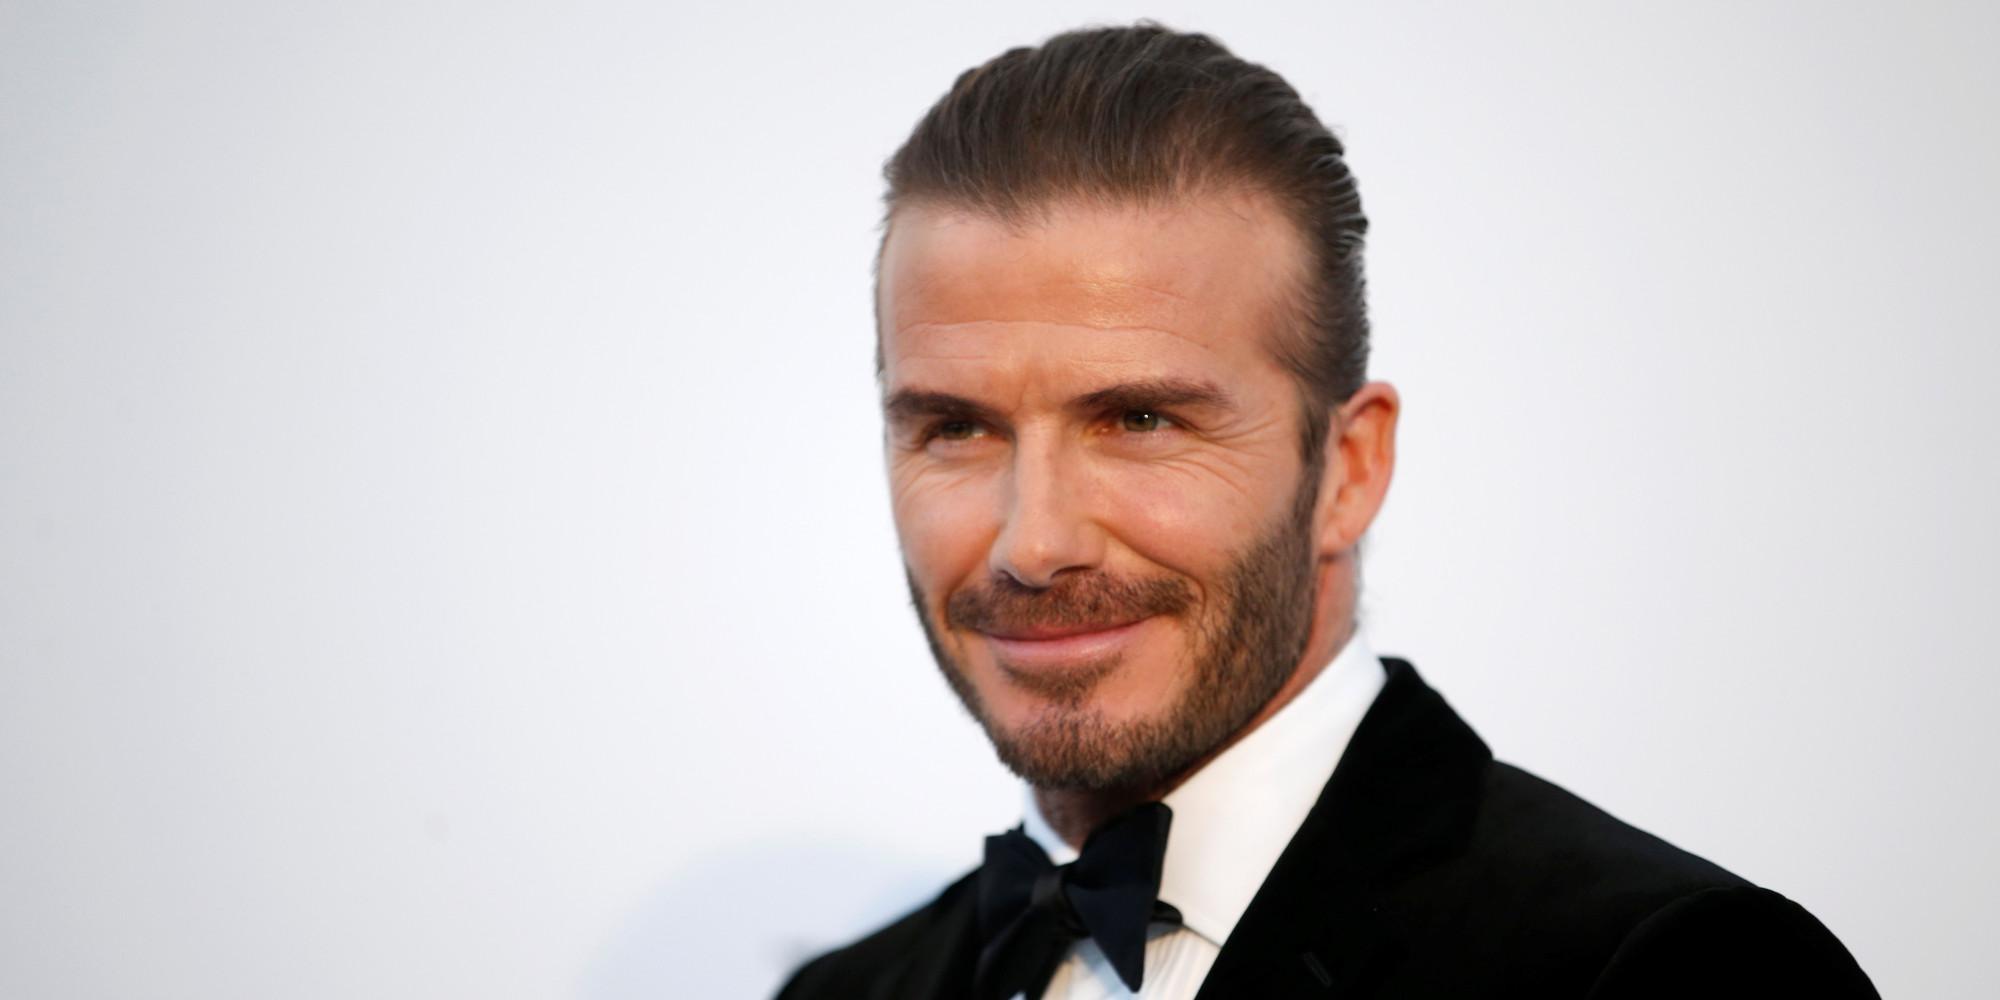 데이비드 베컴이 한국 축구 대표팀에 조언했다 David Beckham Facebook